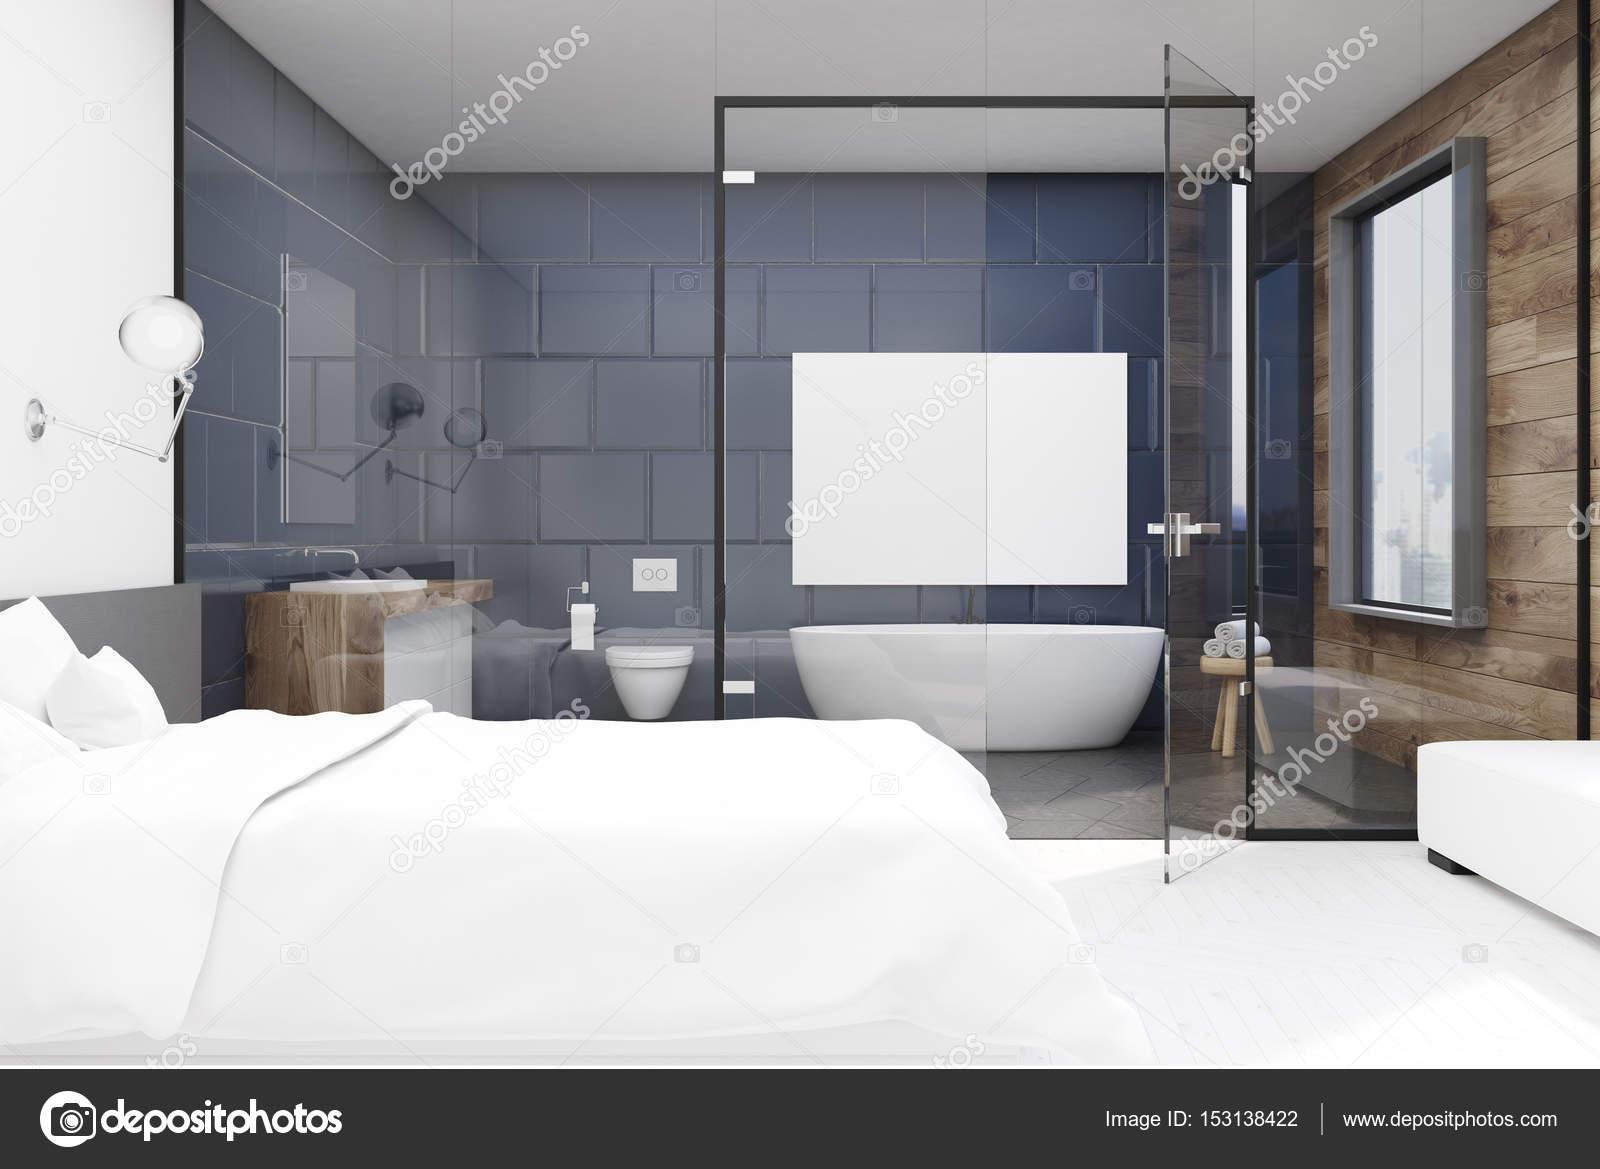 Camera da letto con bagno grigio, anteriore — Foto Stock ...